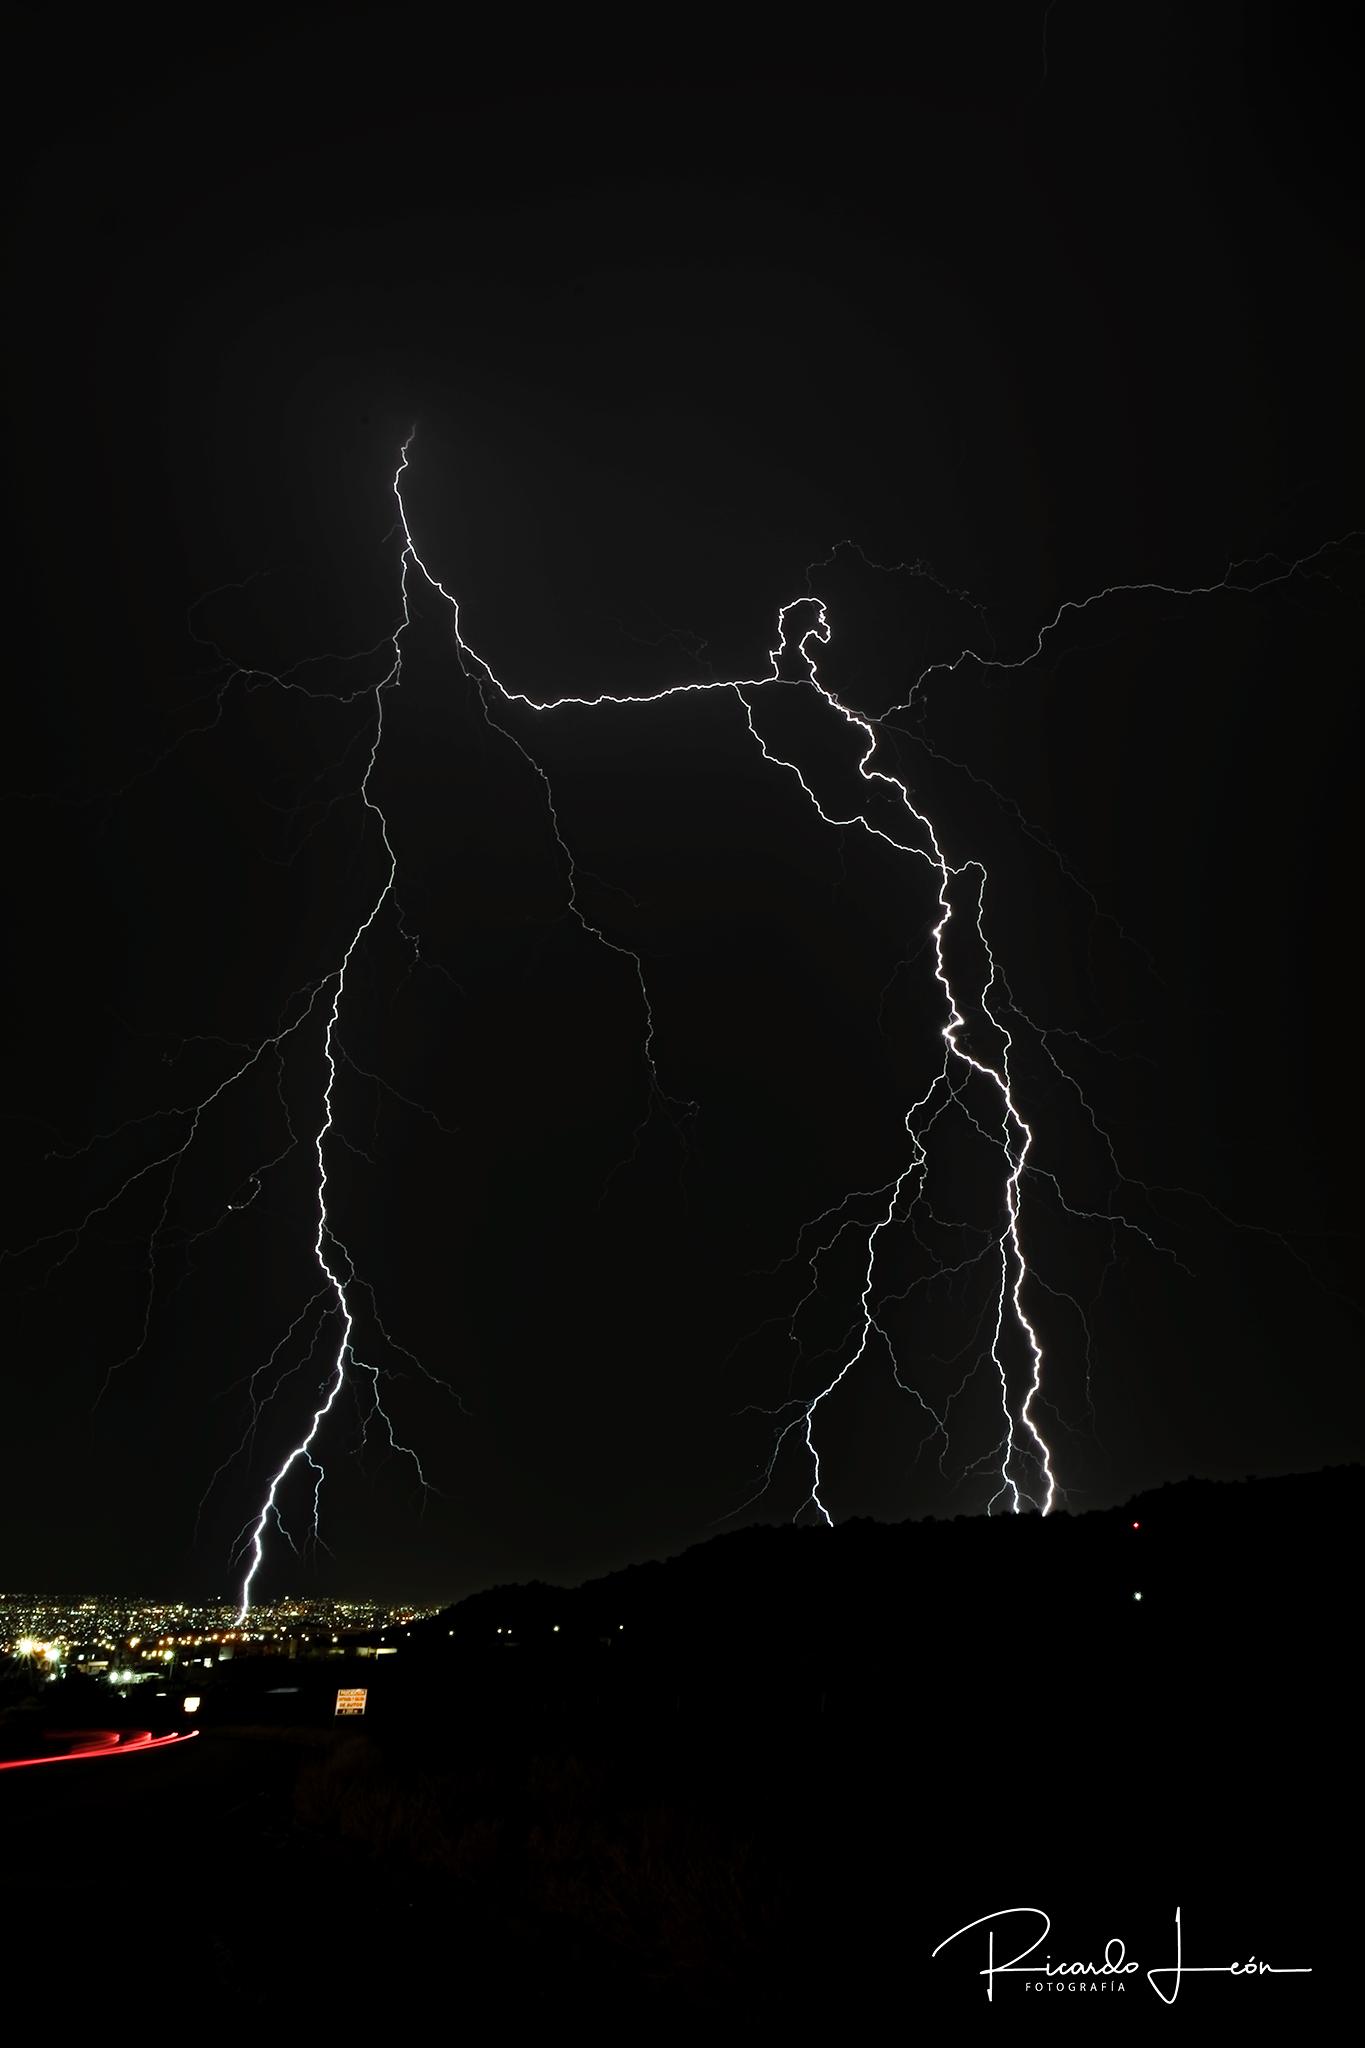 Copyright © Ricardo León 2019